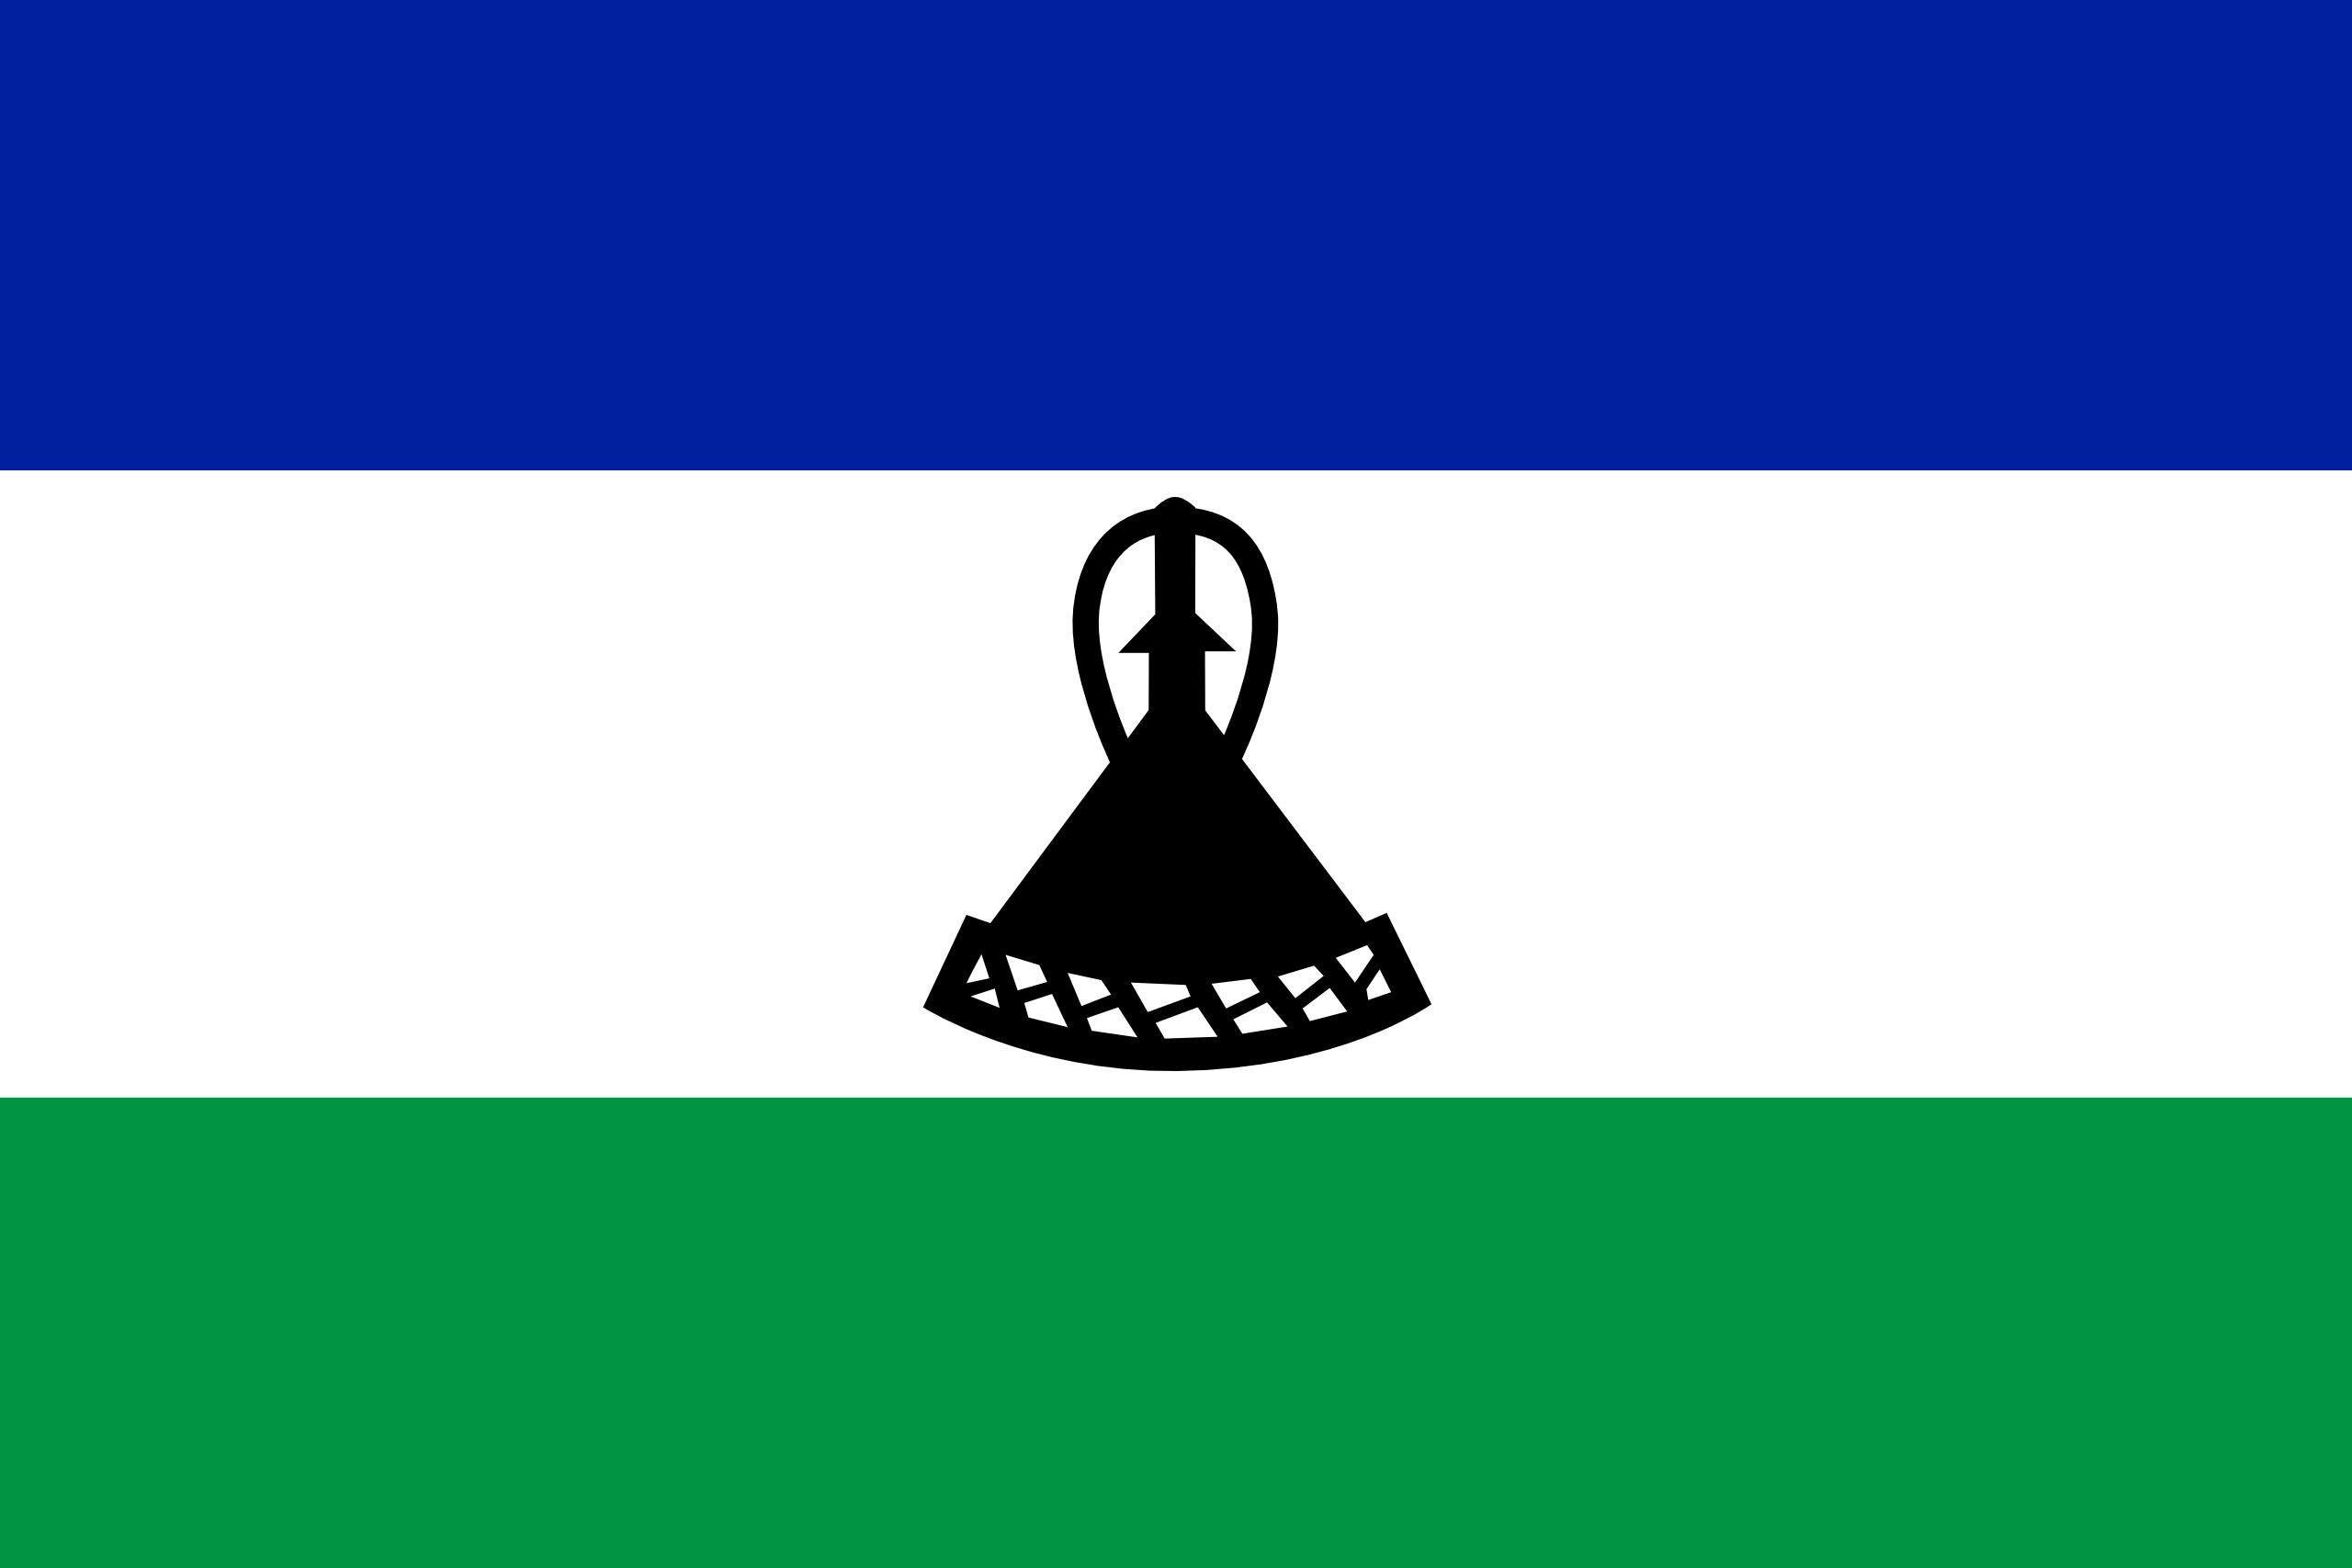 lesoto, país, emblema, insignia, símbolo - Fondos de Pantalla HD - professor-falken.com